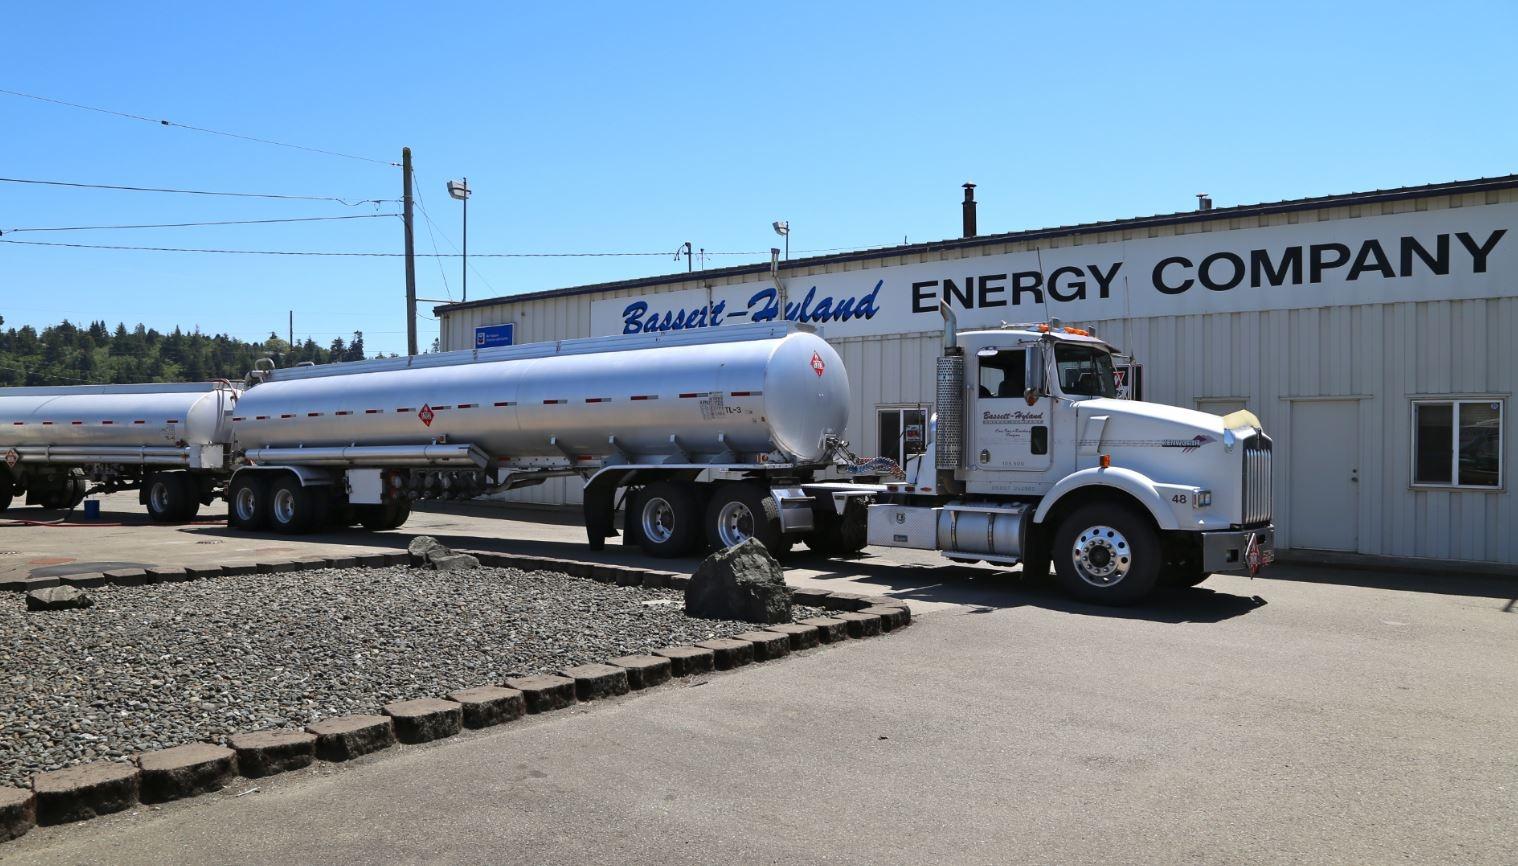 Bassett-Hyland Energy Company image 5